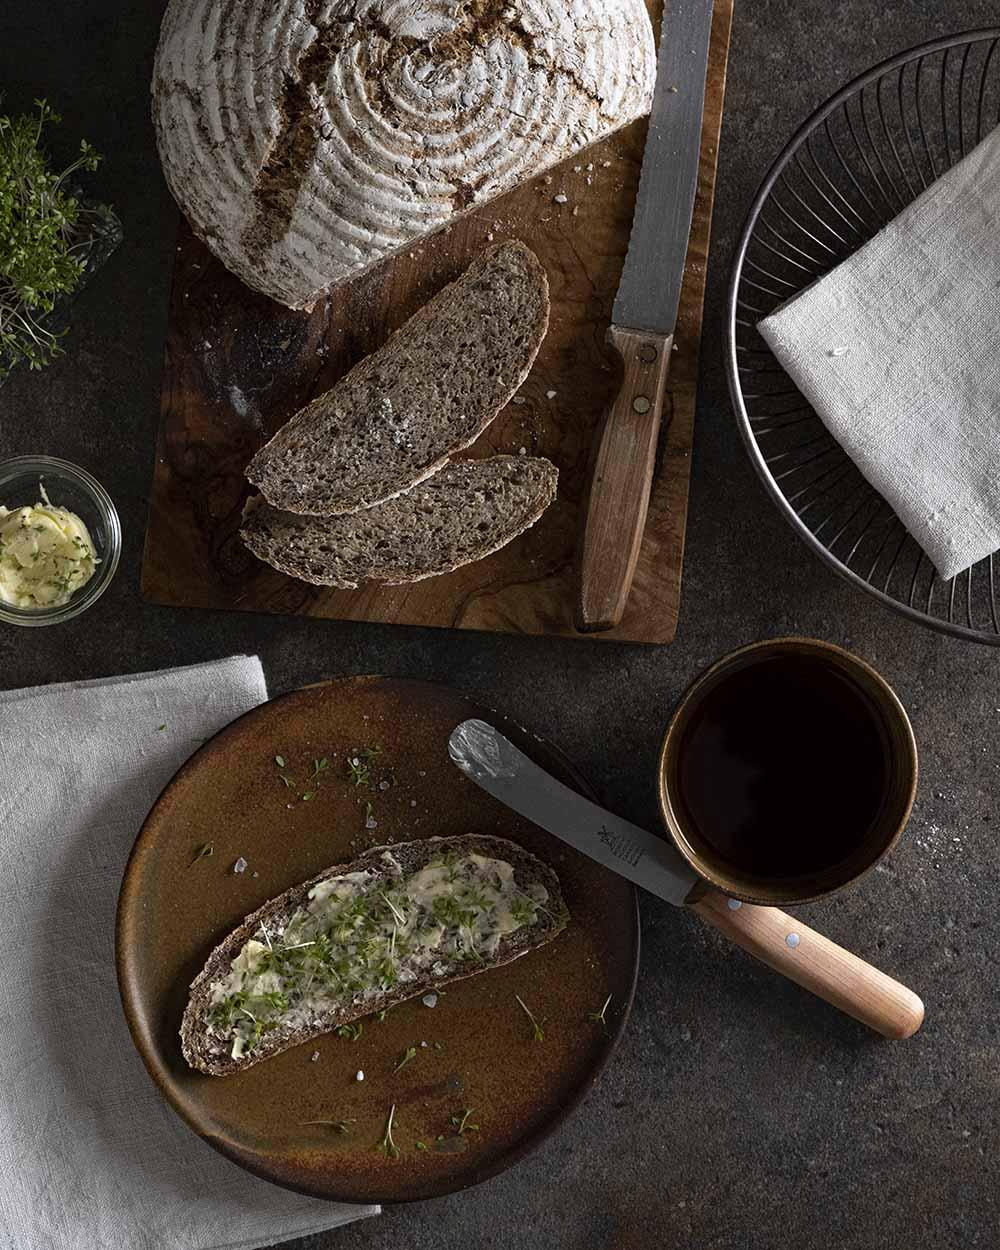 Eine Scheibe Sauerkrautbrot auf einem Teller. Wir haben es mit Butter bestrichen und Kresse darauf gestreut.